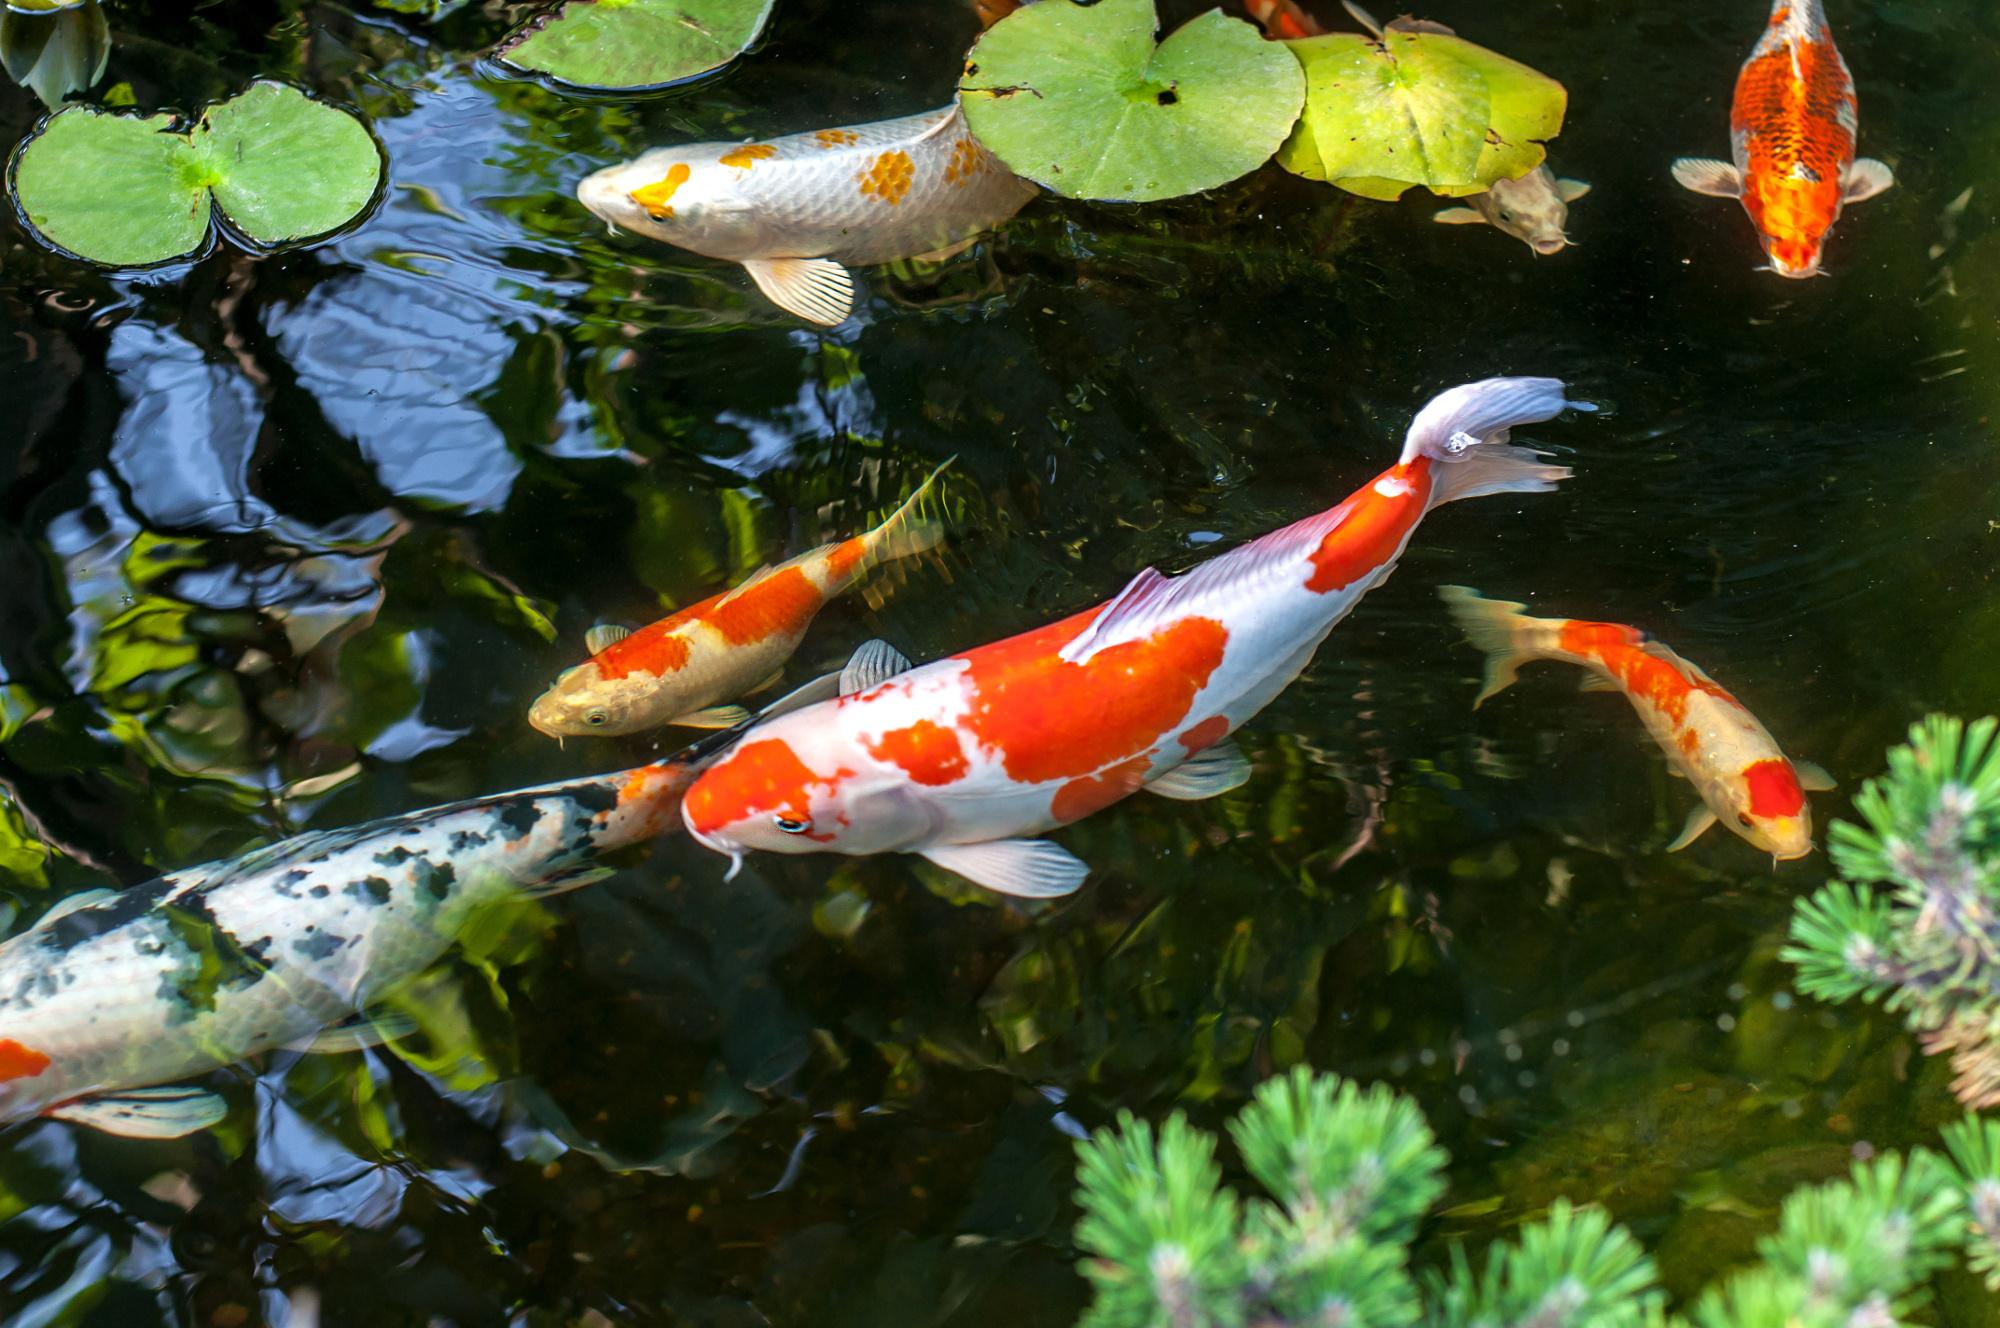 koi fish nishikigoi.jpeg